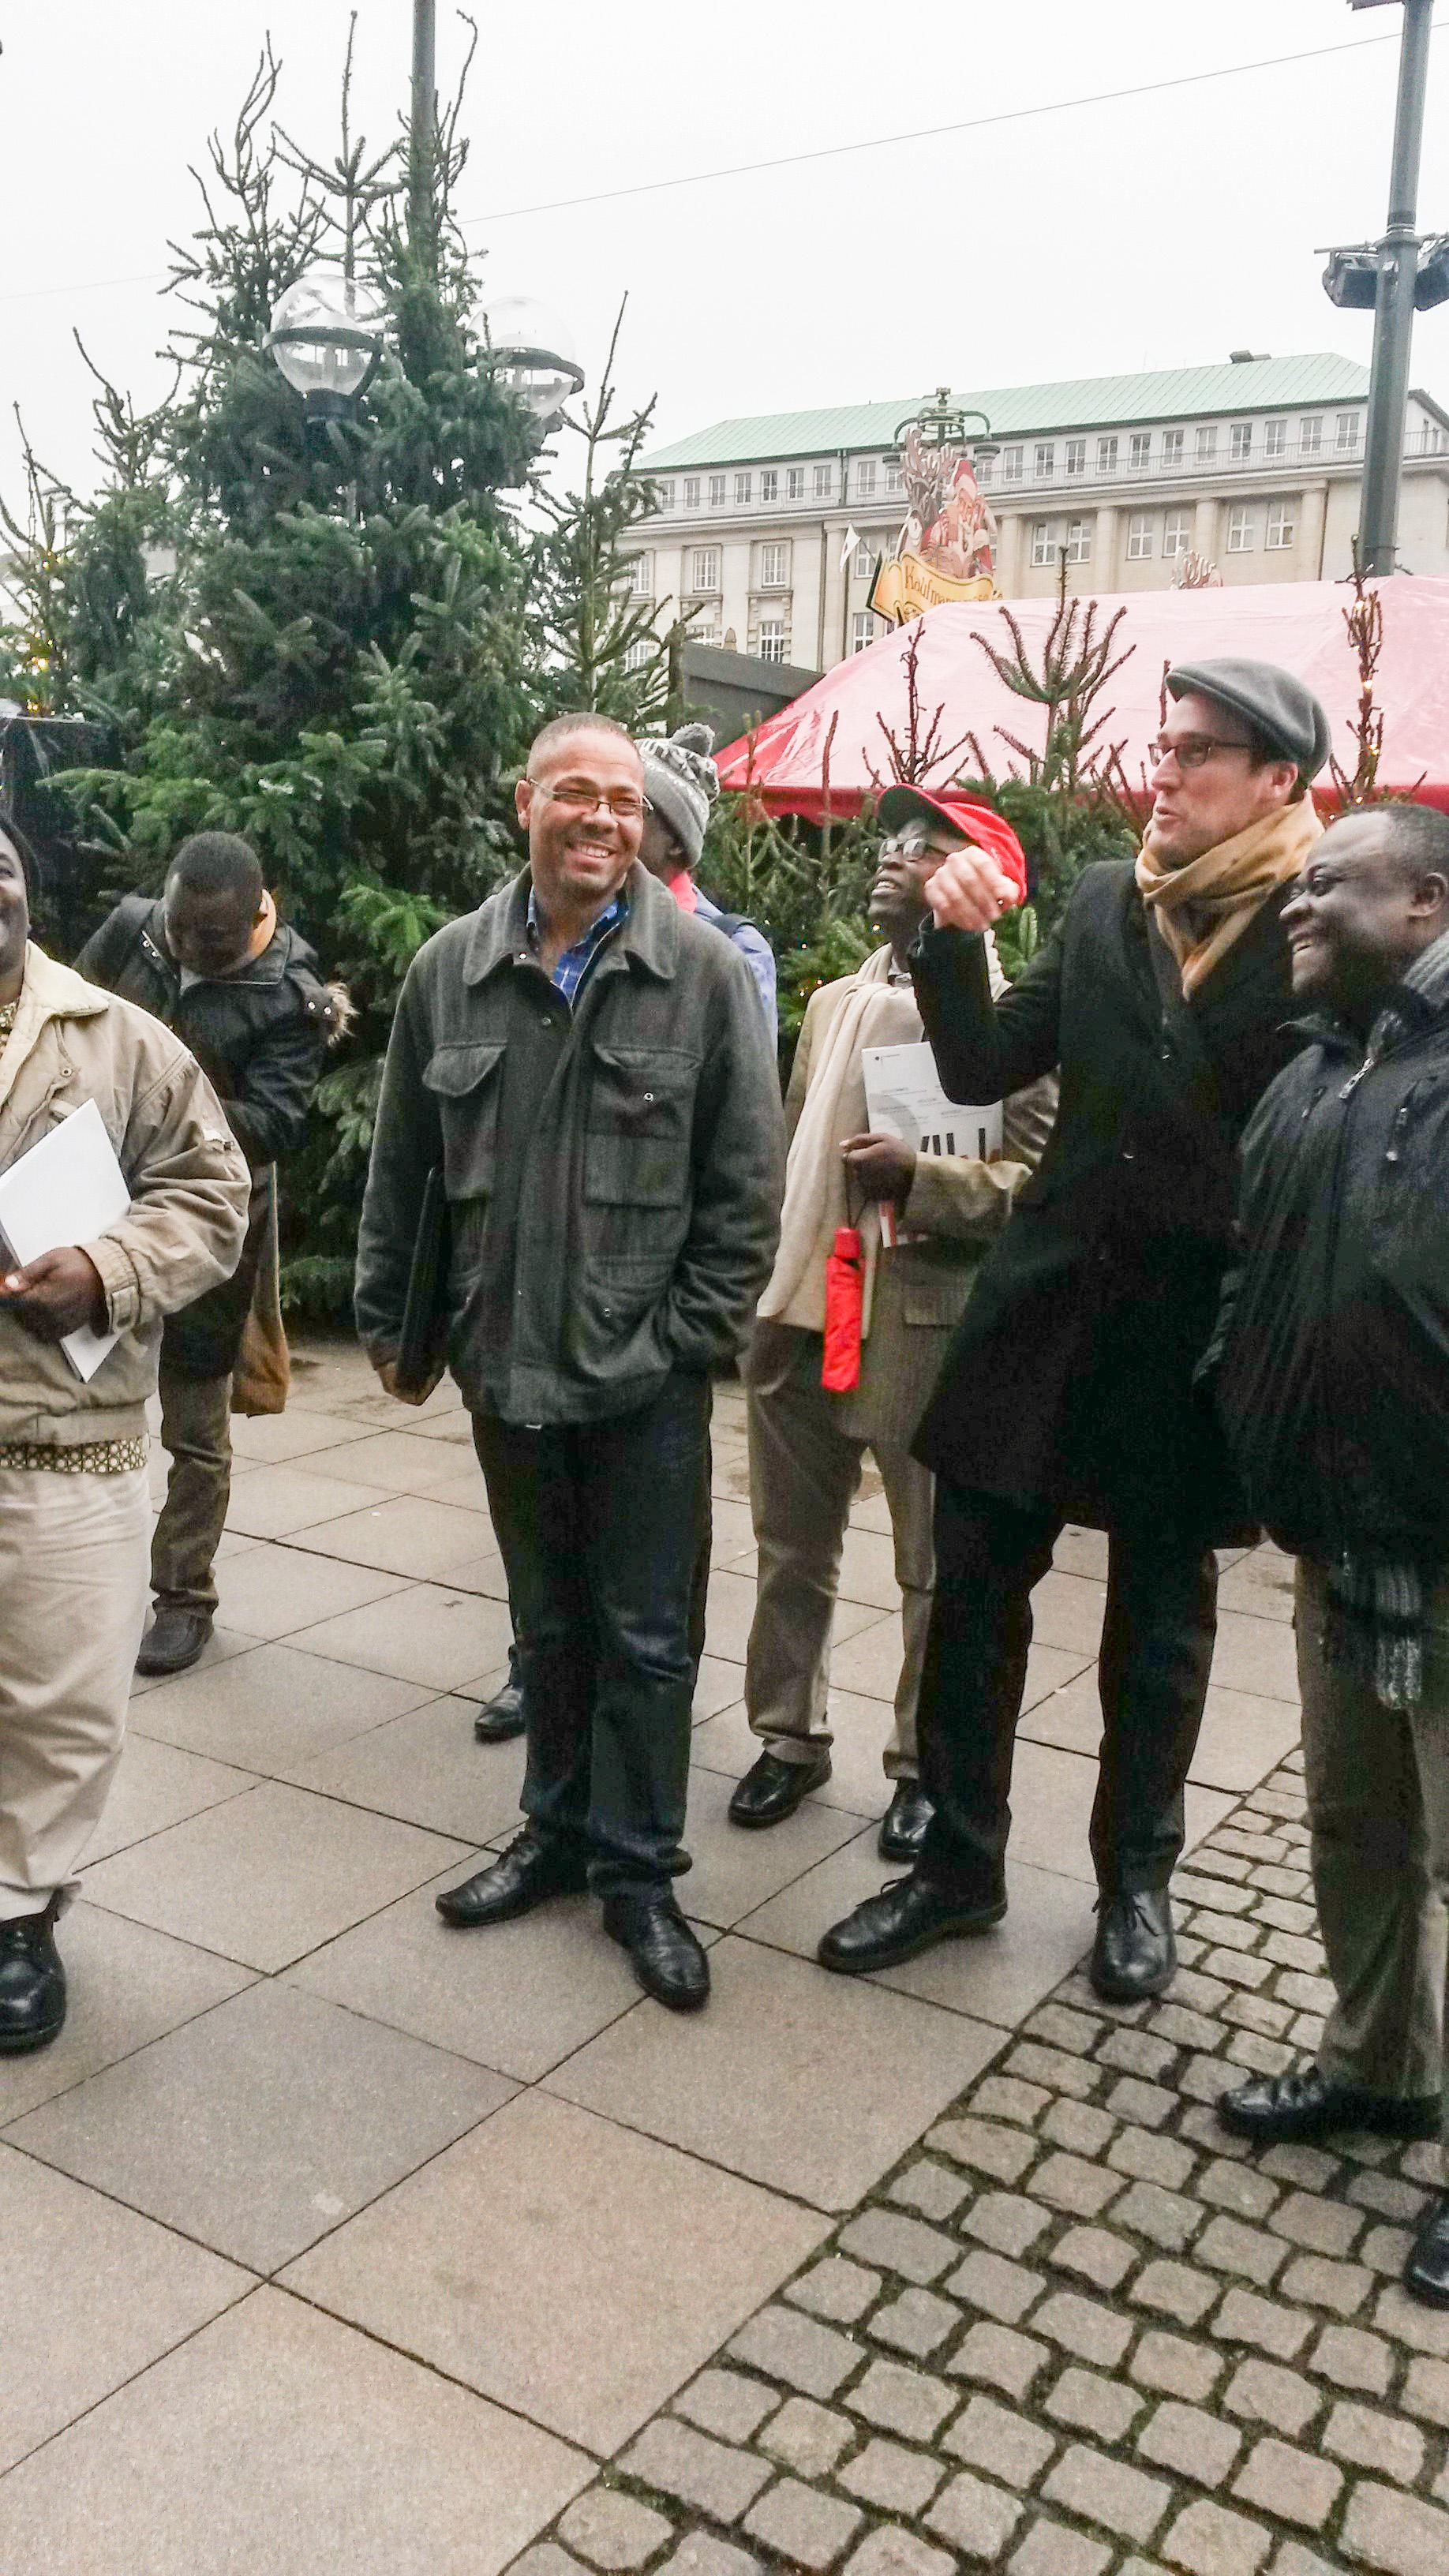 Das Foto zeigt die Stadtführung in Hamburg von Kim Todzi. Kim Todzi steht mit den Teilnehmern der Stadtführung auf dem Rathausmarkt.